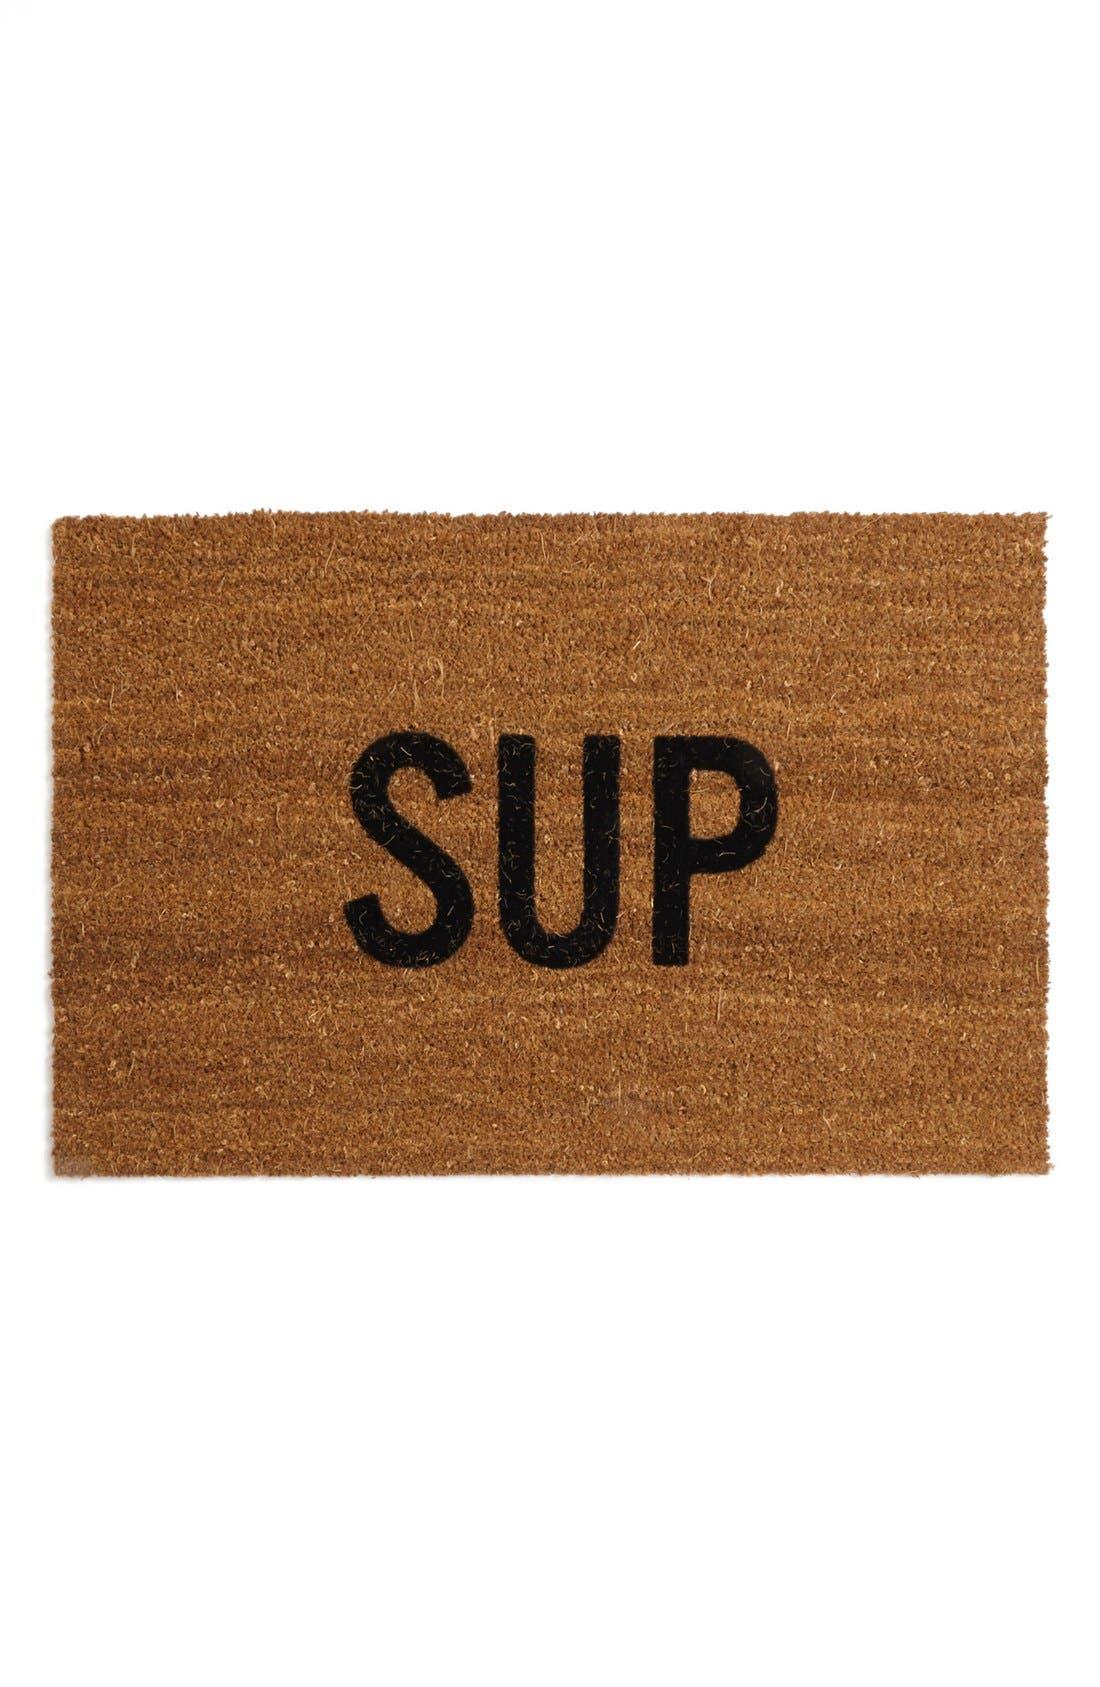 Reed Wilson Design 'Sup' Doormat